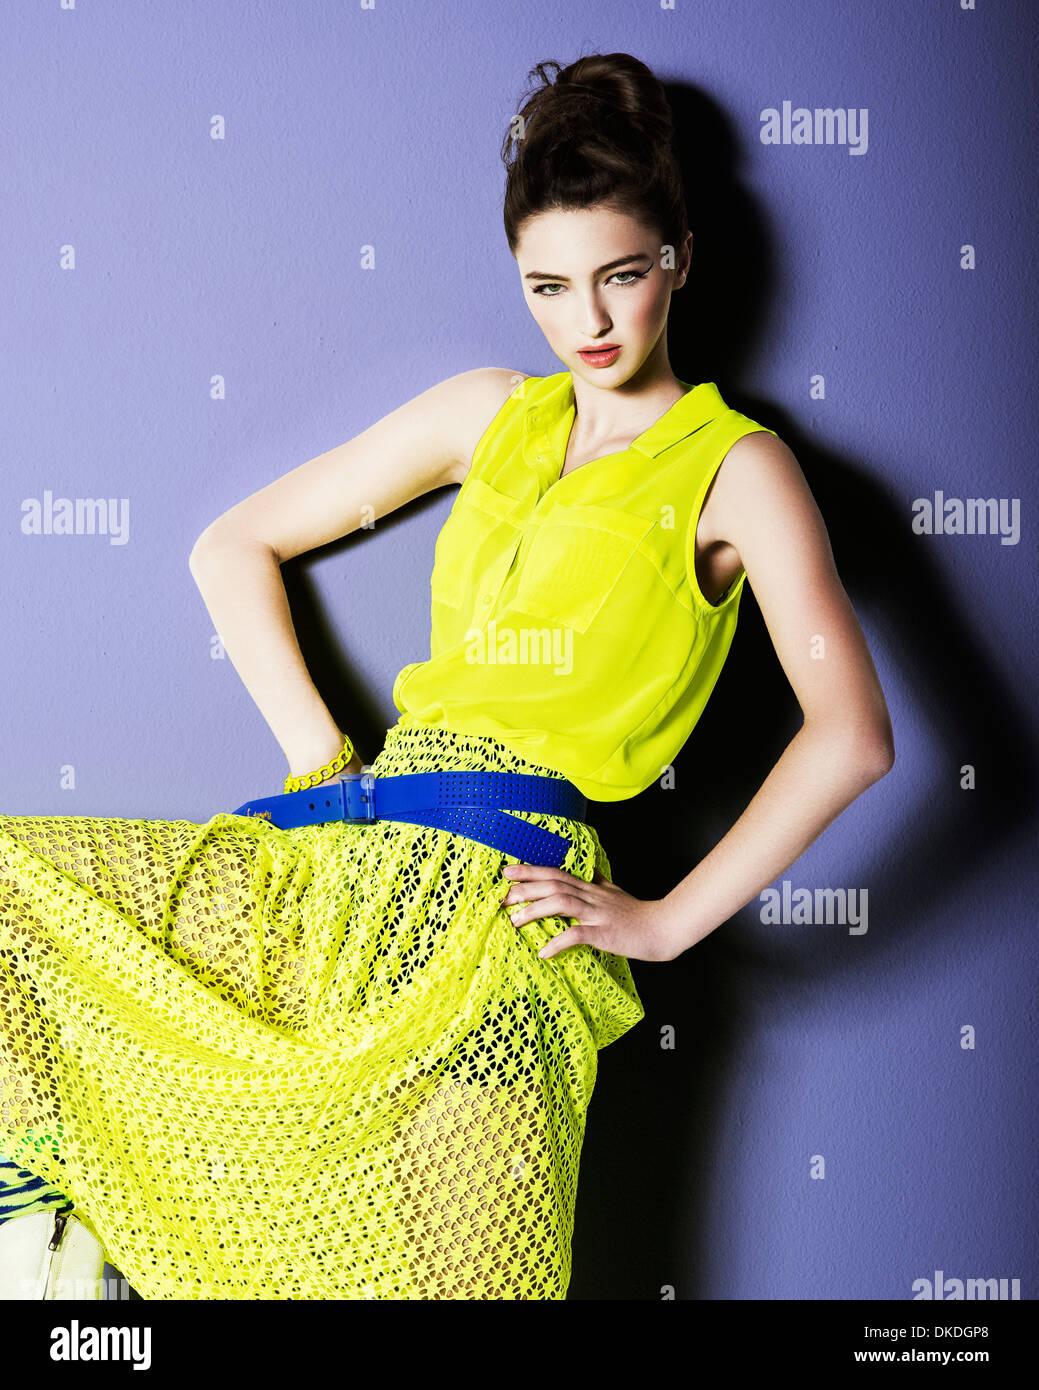 Adolescente in posa di un abito giallo Immagini Stock